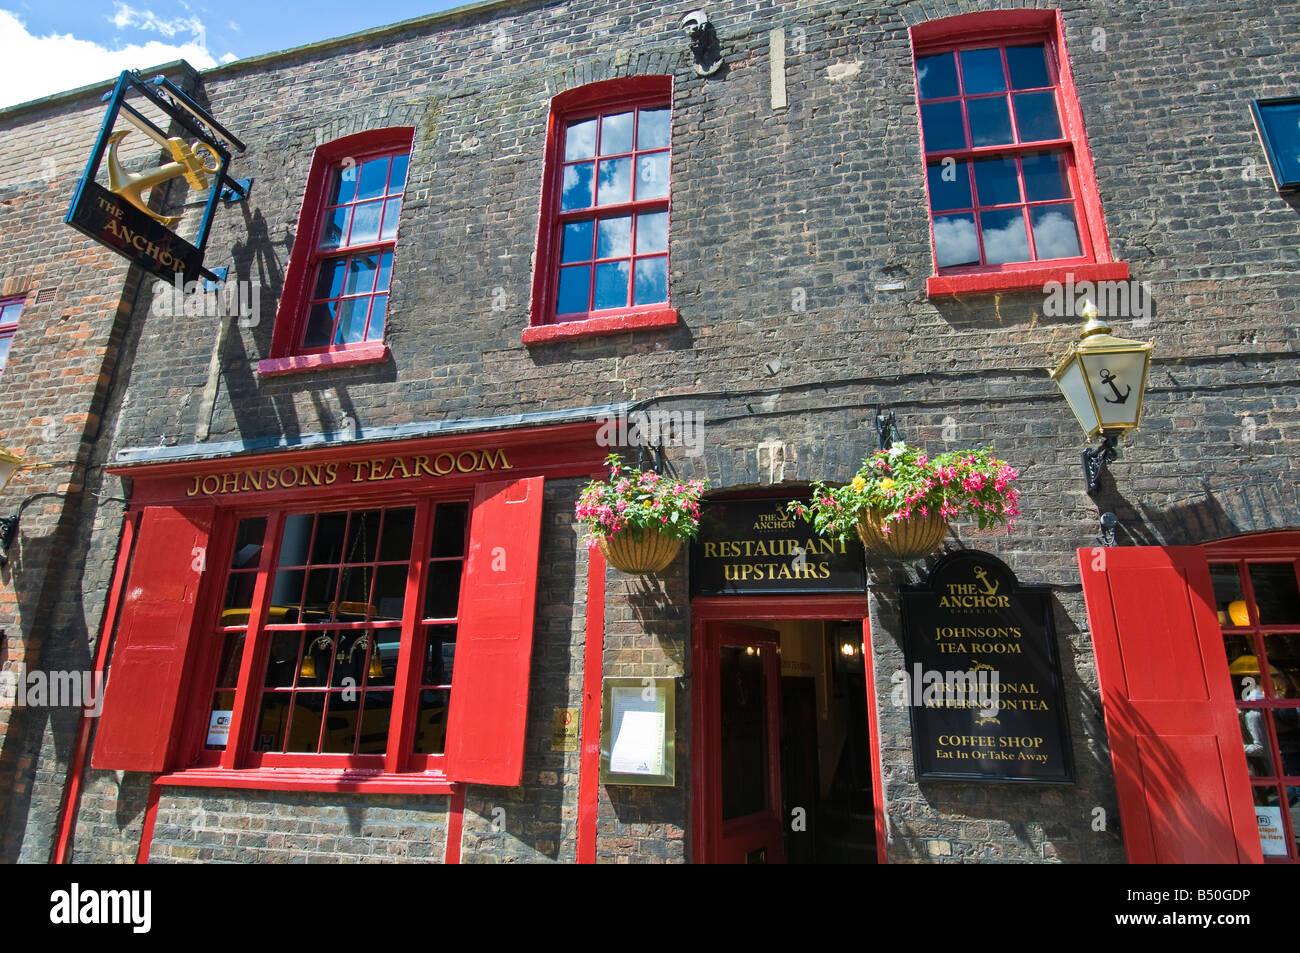 Johnson s Tearoom London England United Kingdom - Stock Image